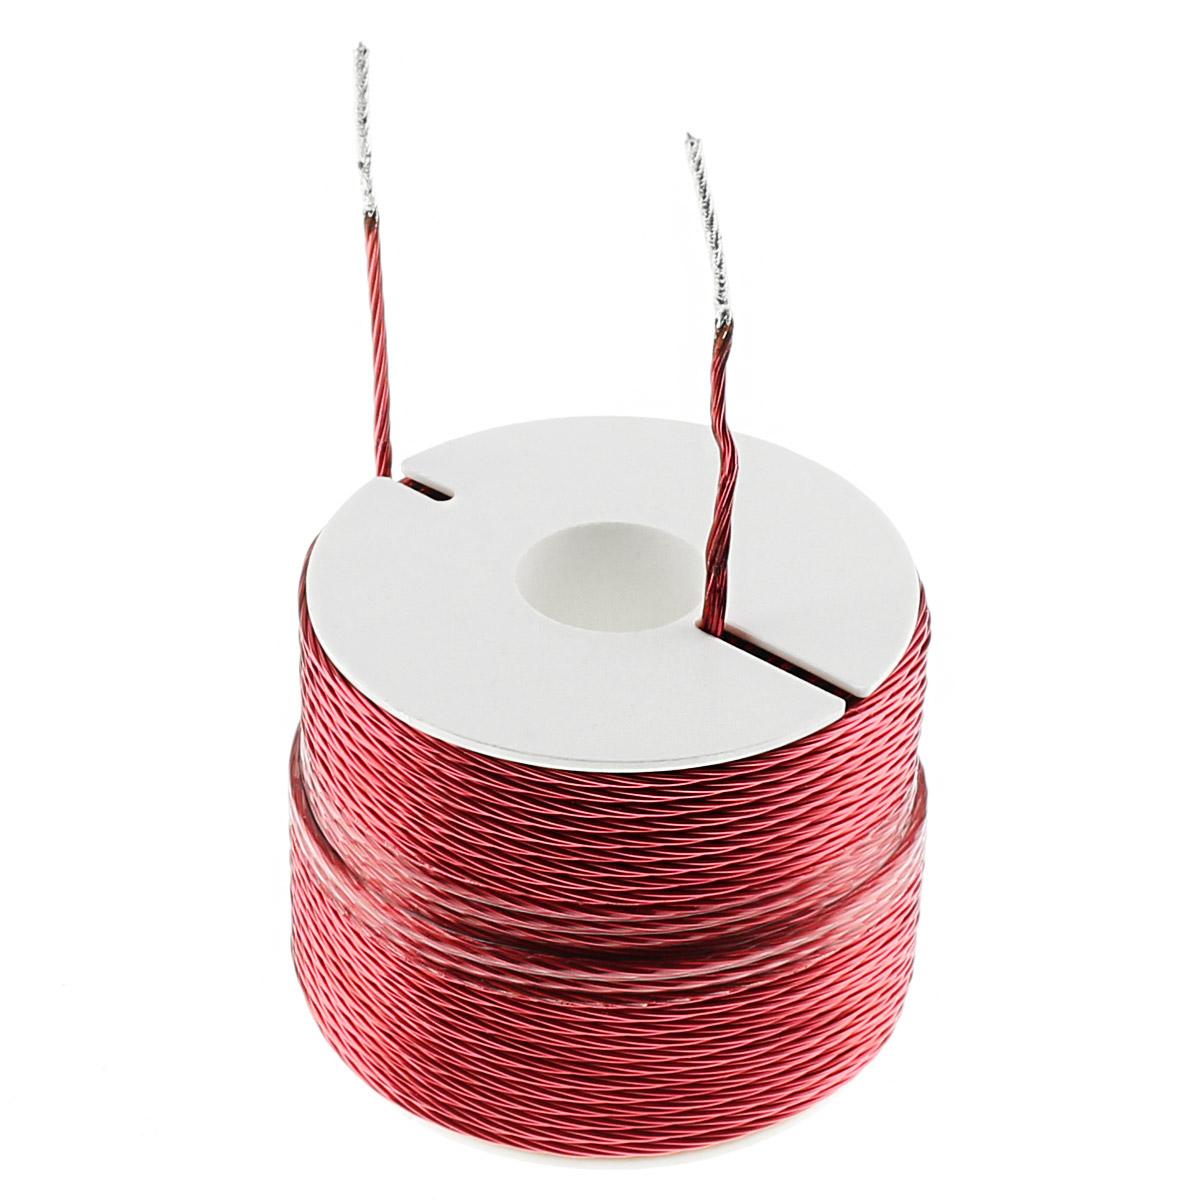 MUNDORF LL60 7 Strands Copper Wire Coil 0.56mH